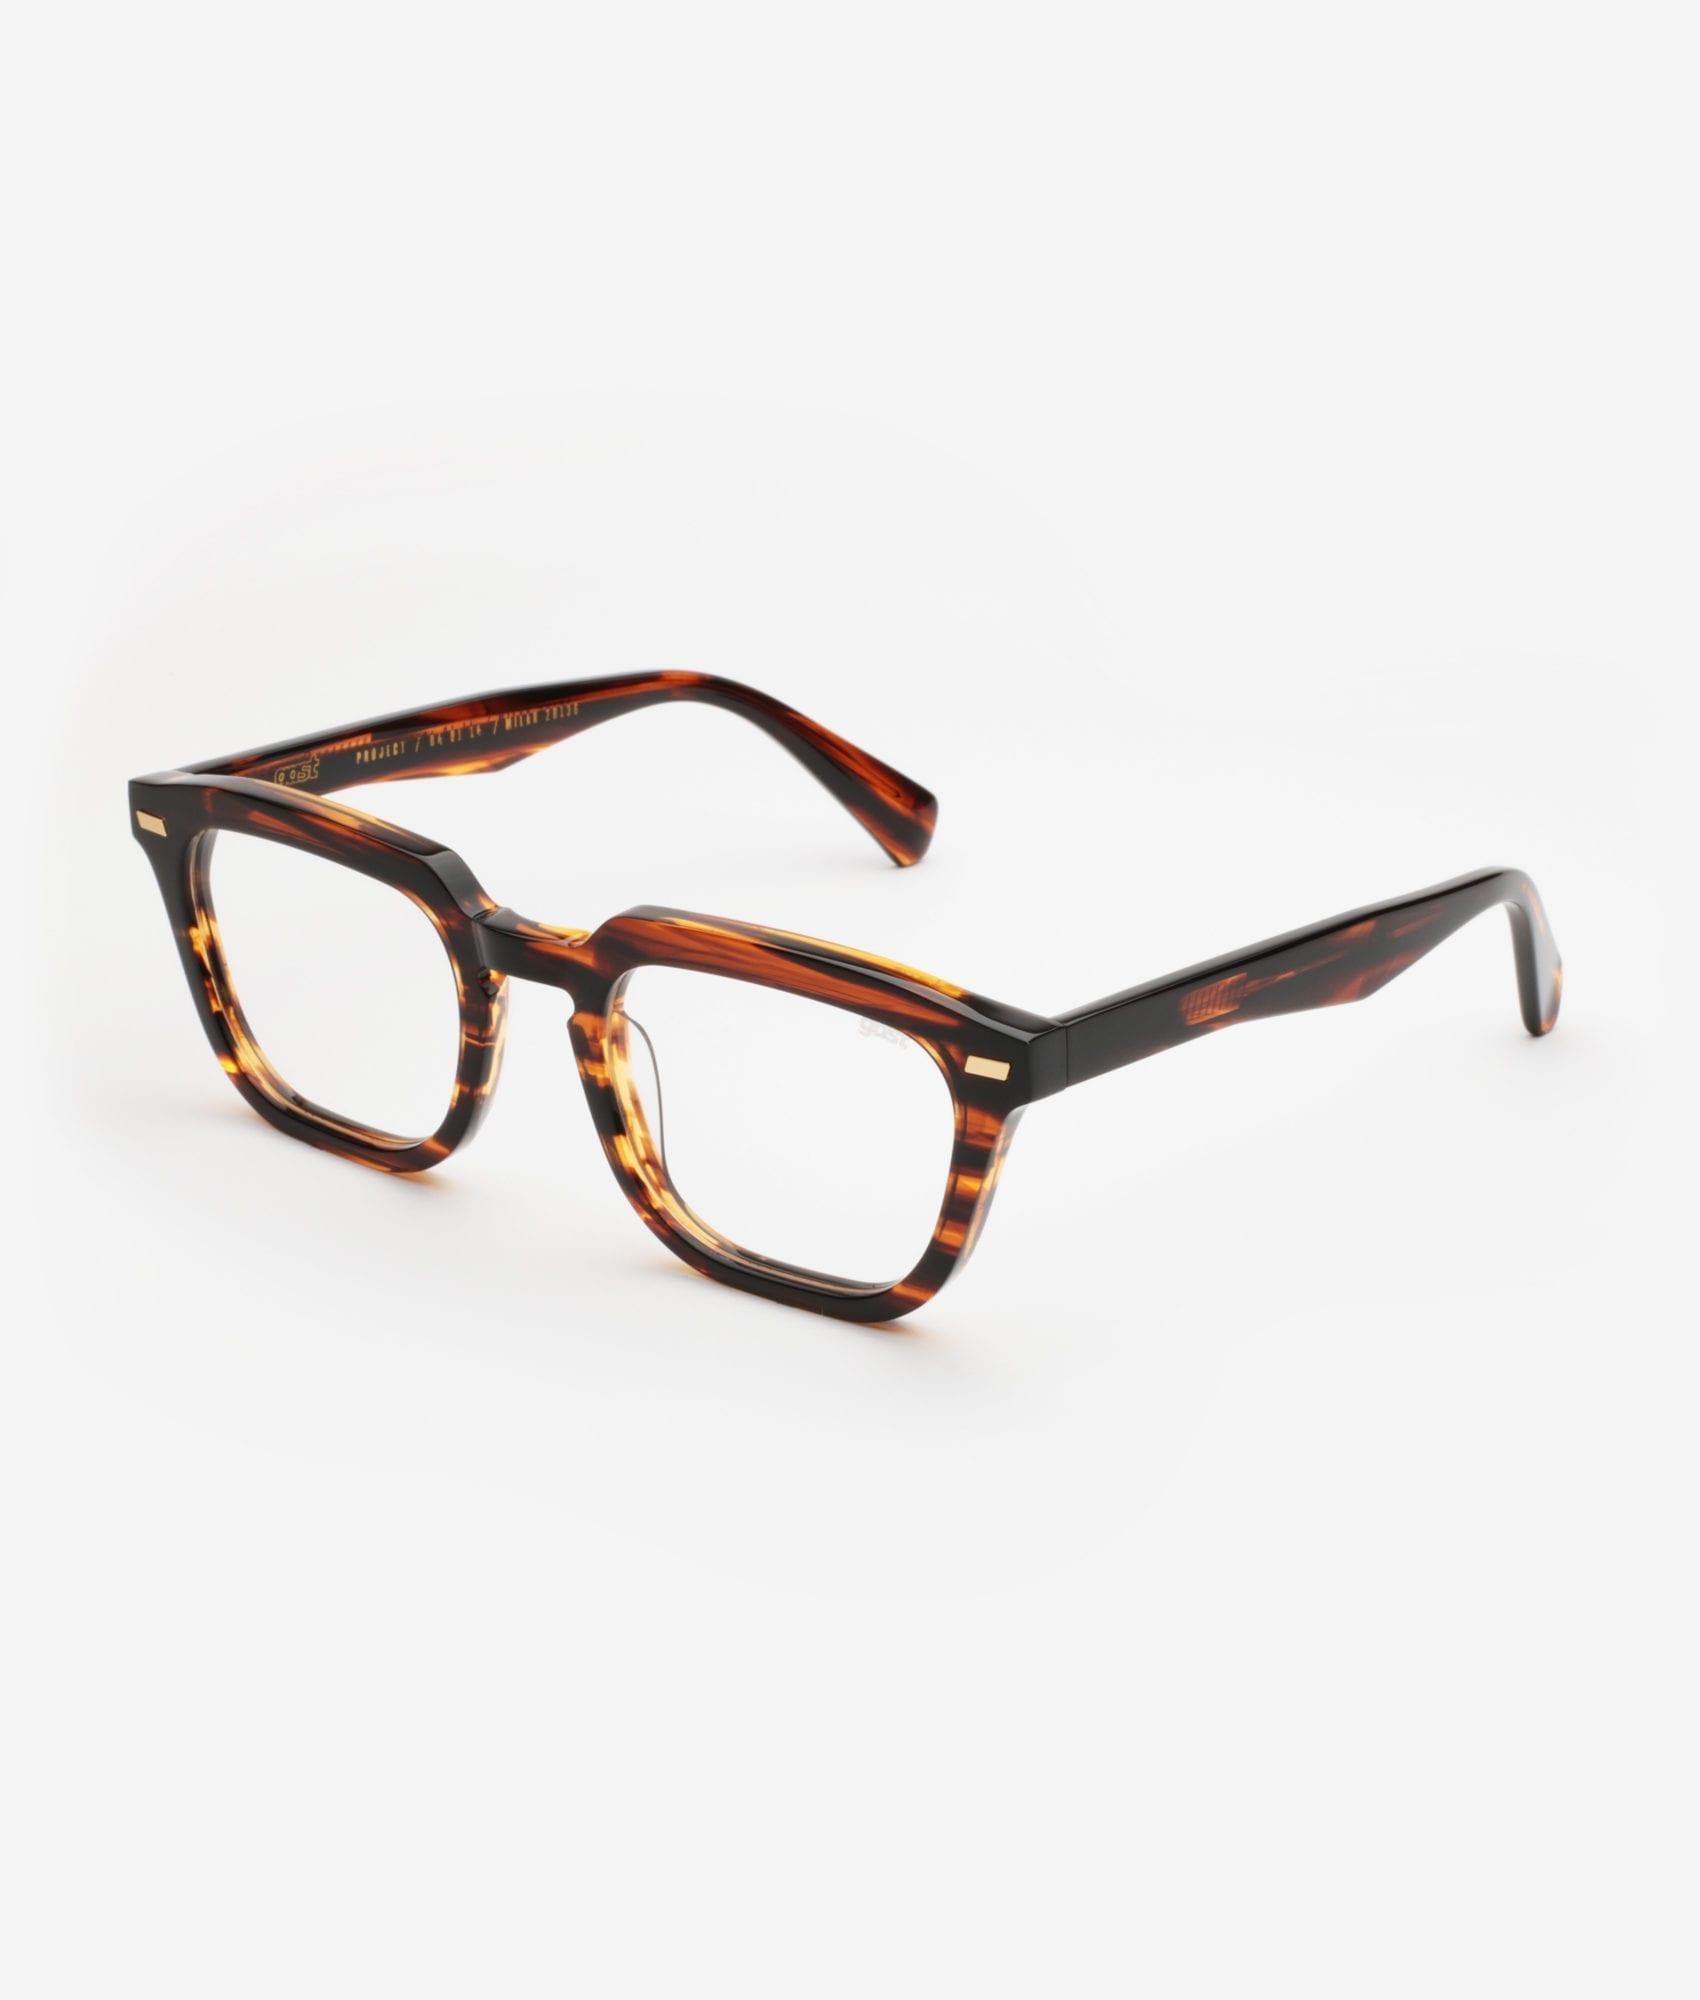 Bagaj Duna Gast eyewear